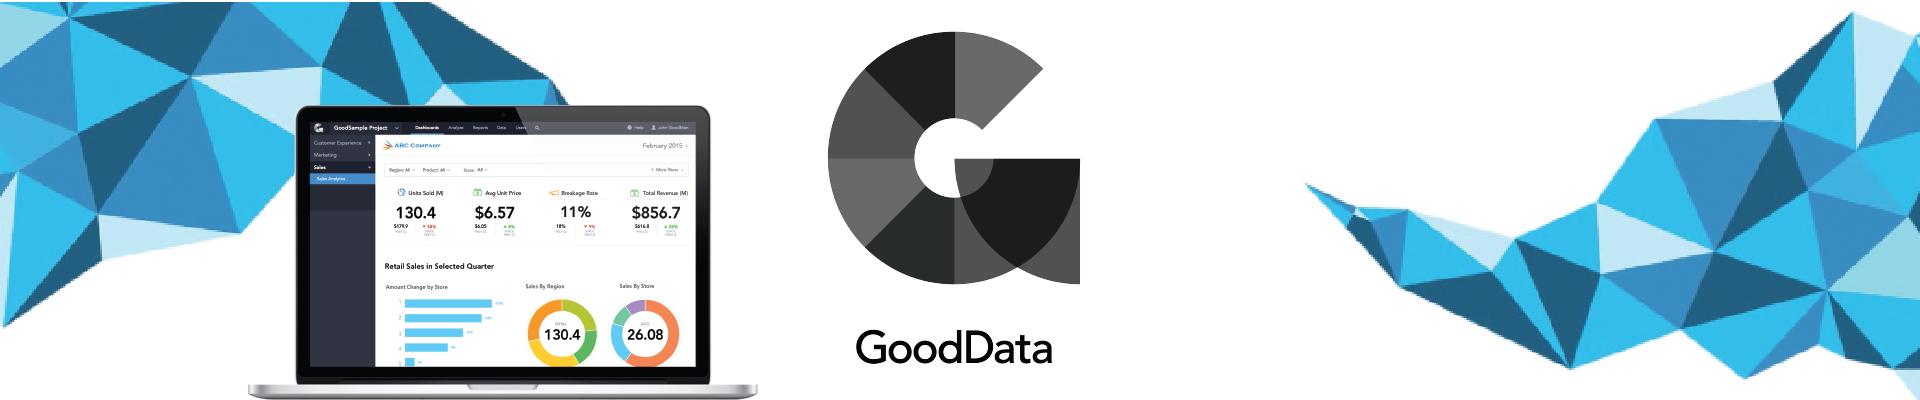 GoodData Application Integration